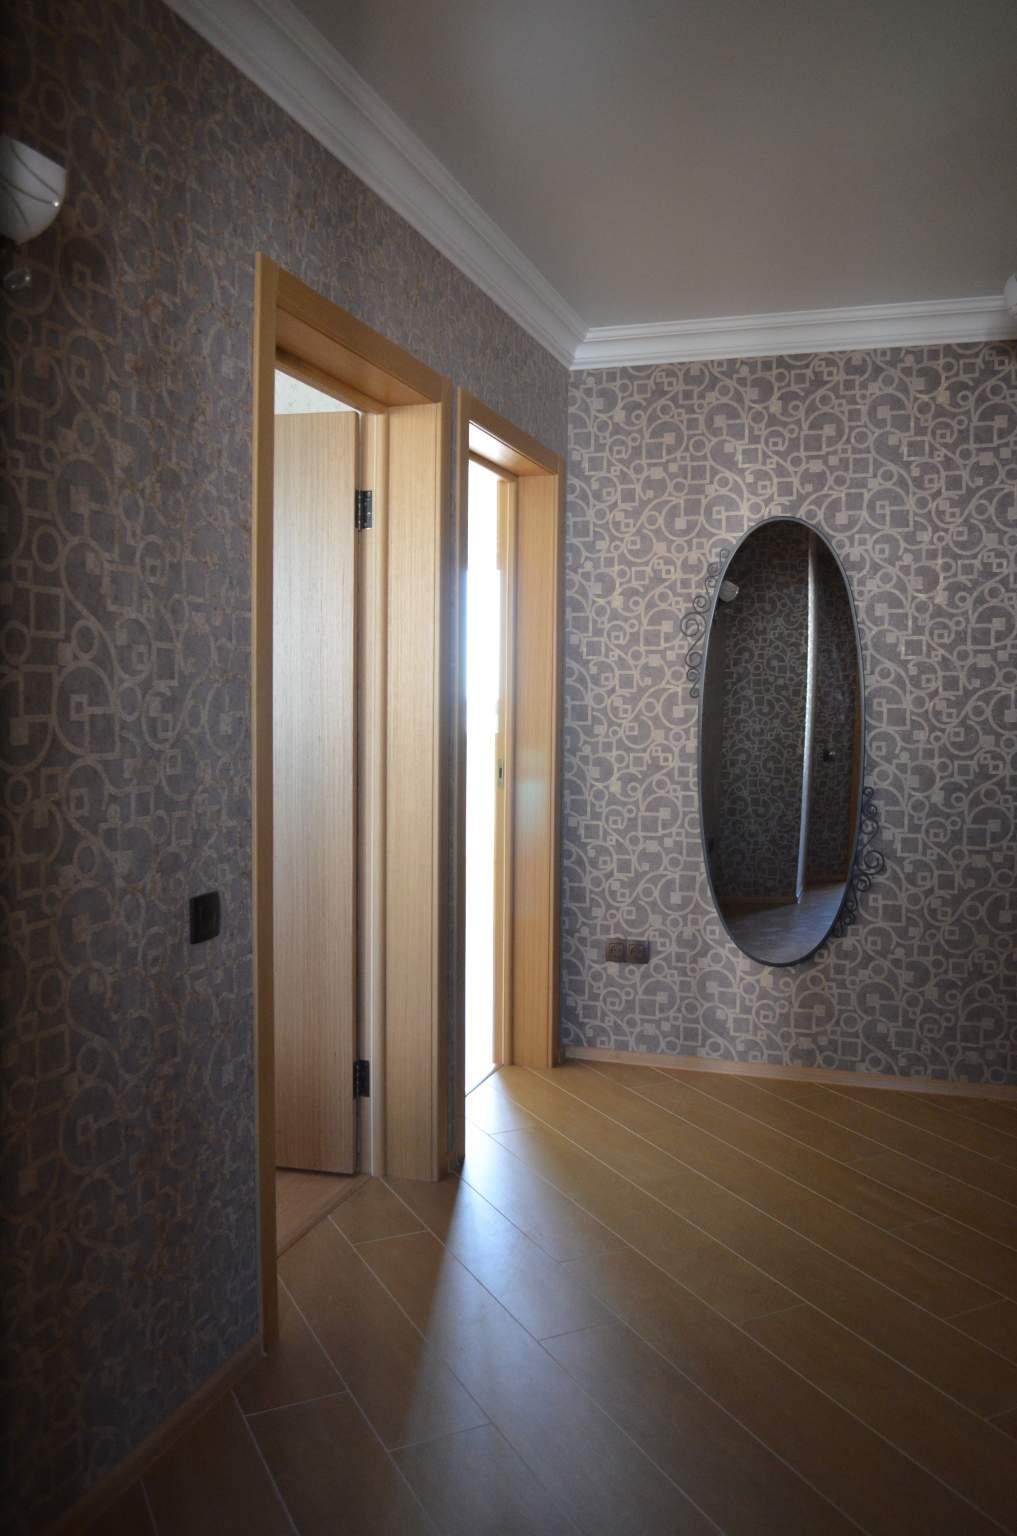 Квартира, 2 комнаты, 64 м² в Московском 89269179500 купить 3